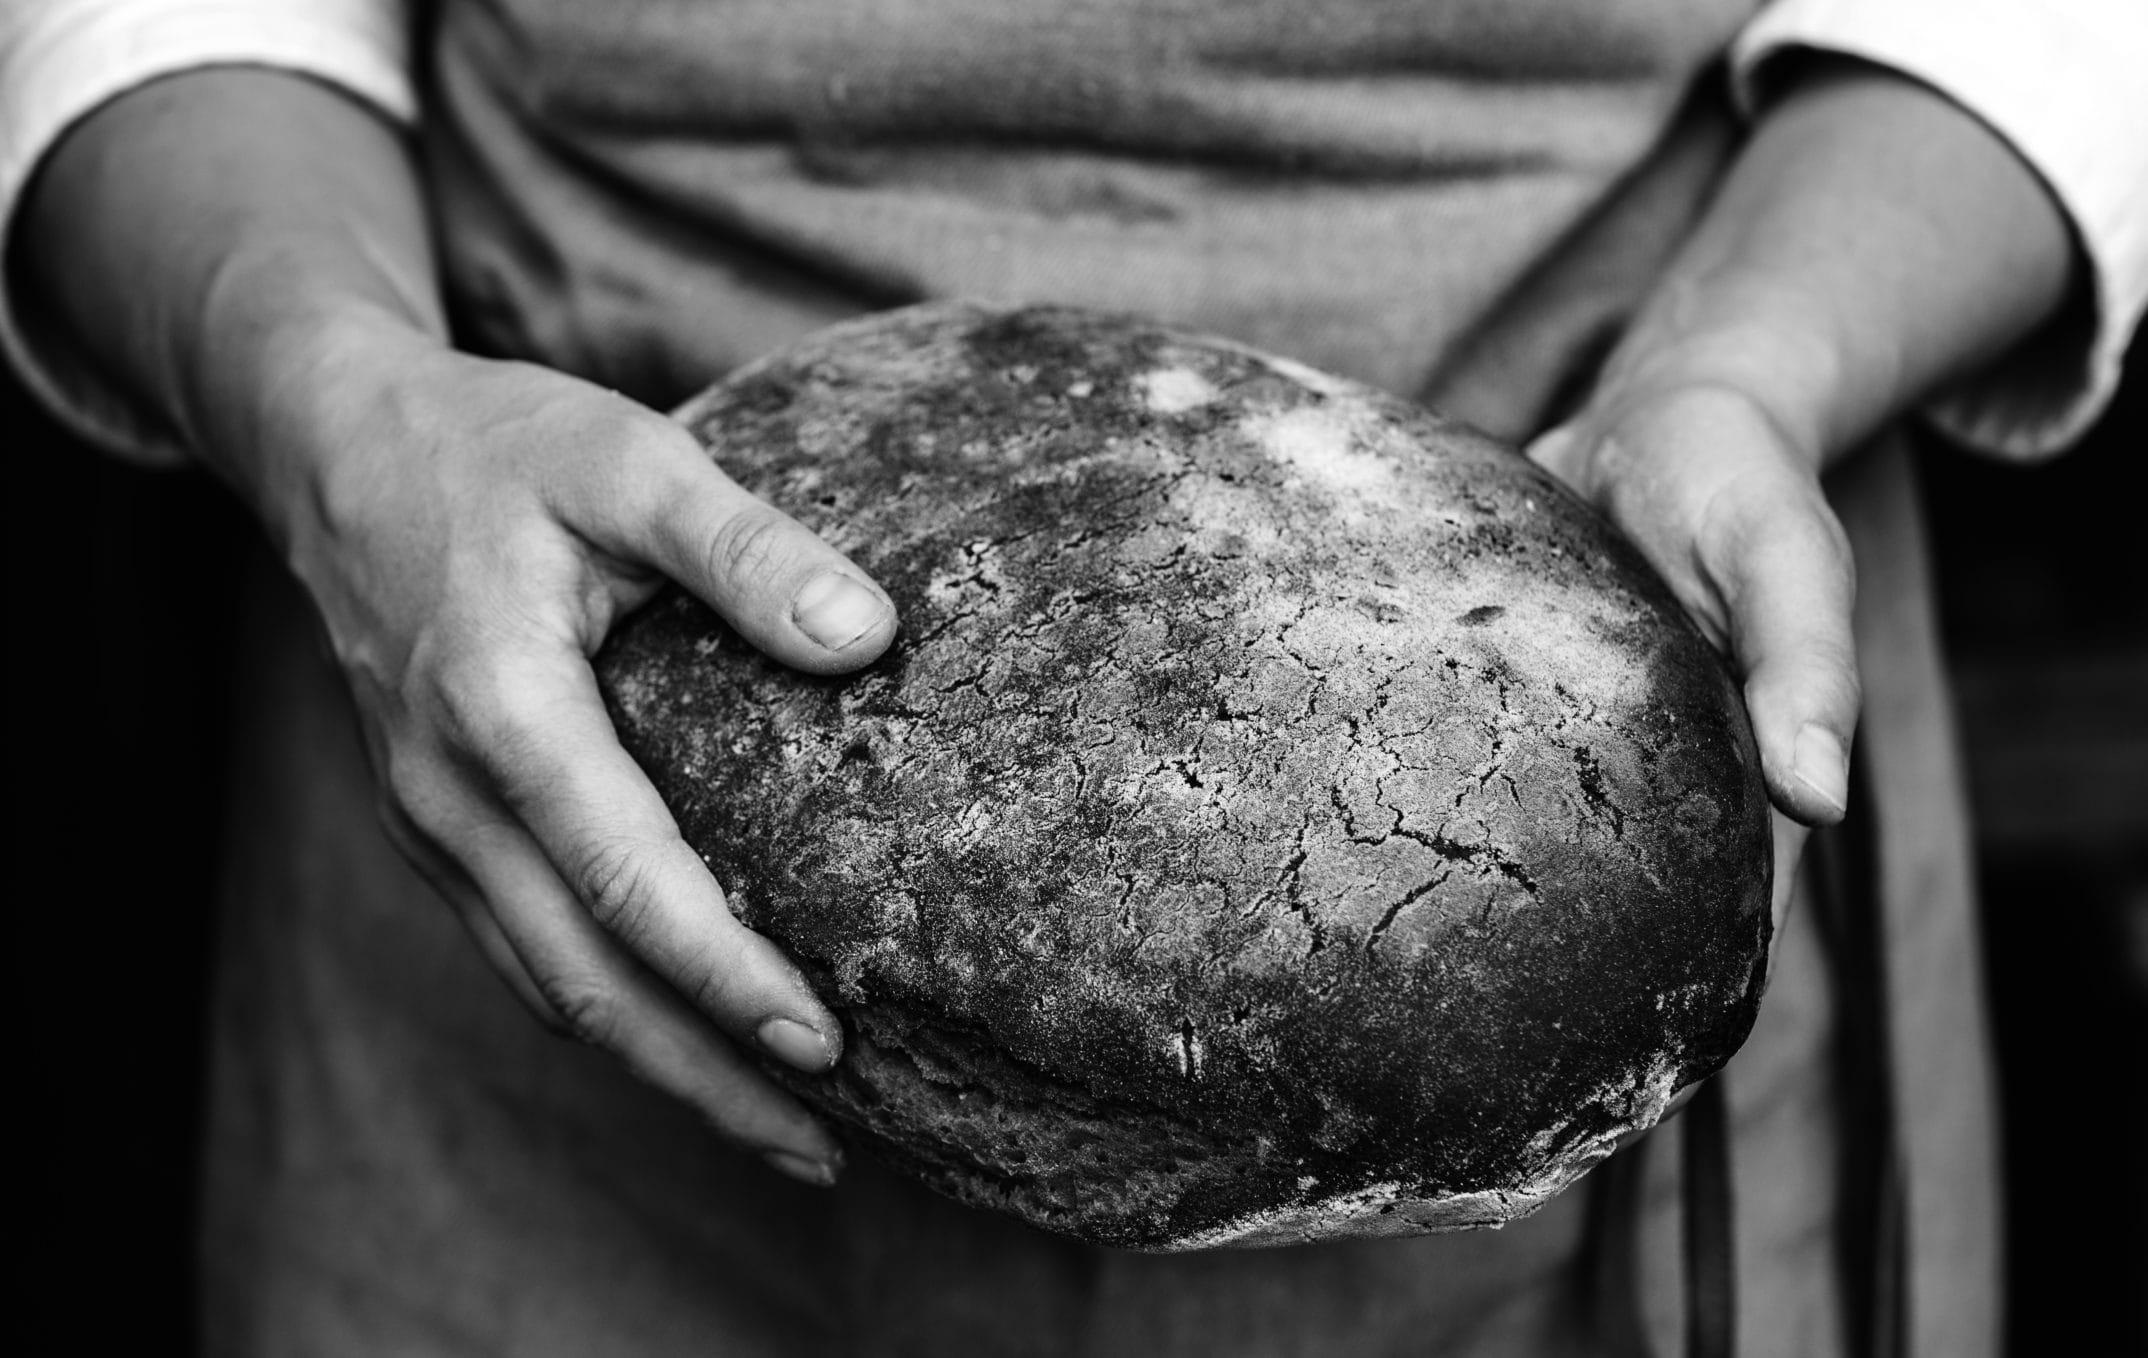 Brot Ausschnitt